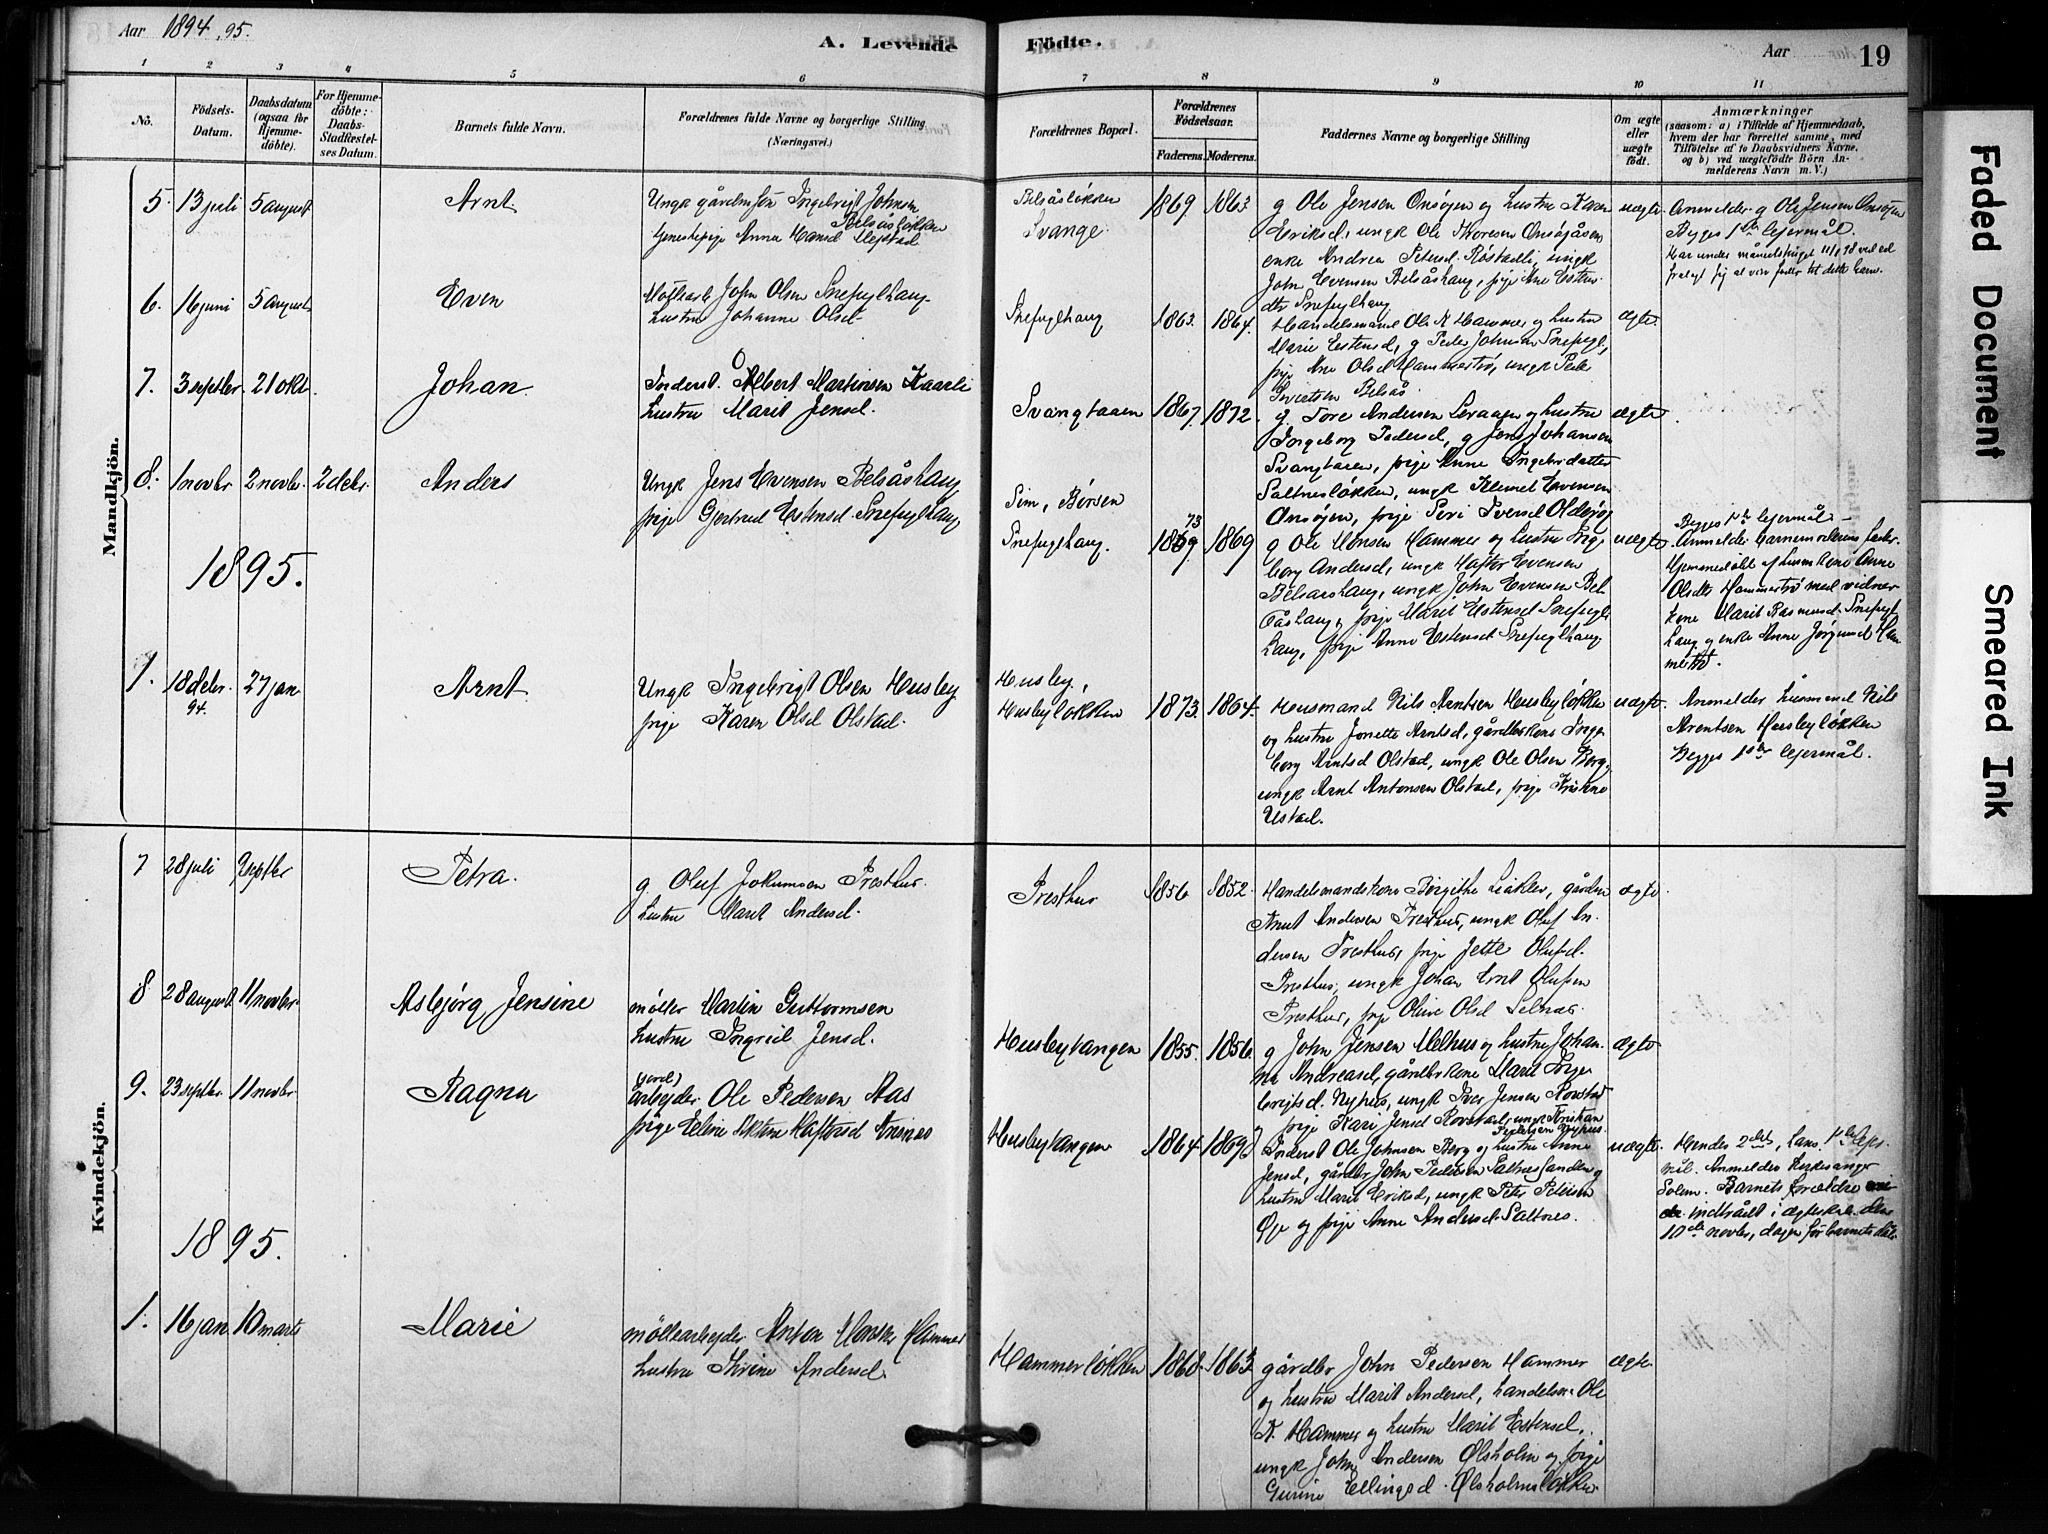 SAT, Ministerialprotokoller, klokkerbøker og fødselsregistre - Sør-Trøndelag, 666/L0786: Ministerialbok nr. 666A04, 1878-1895, s. 19